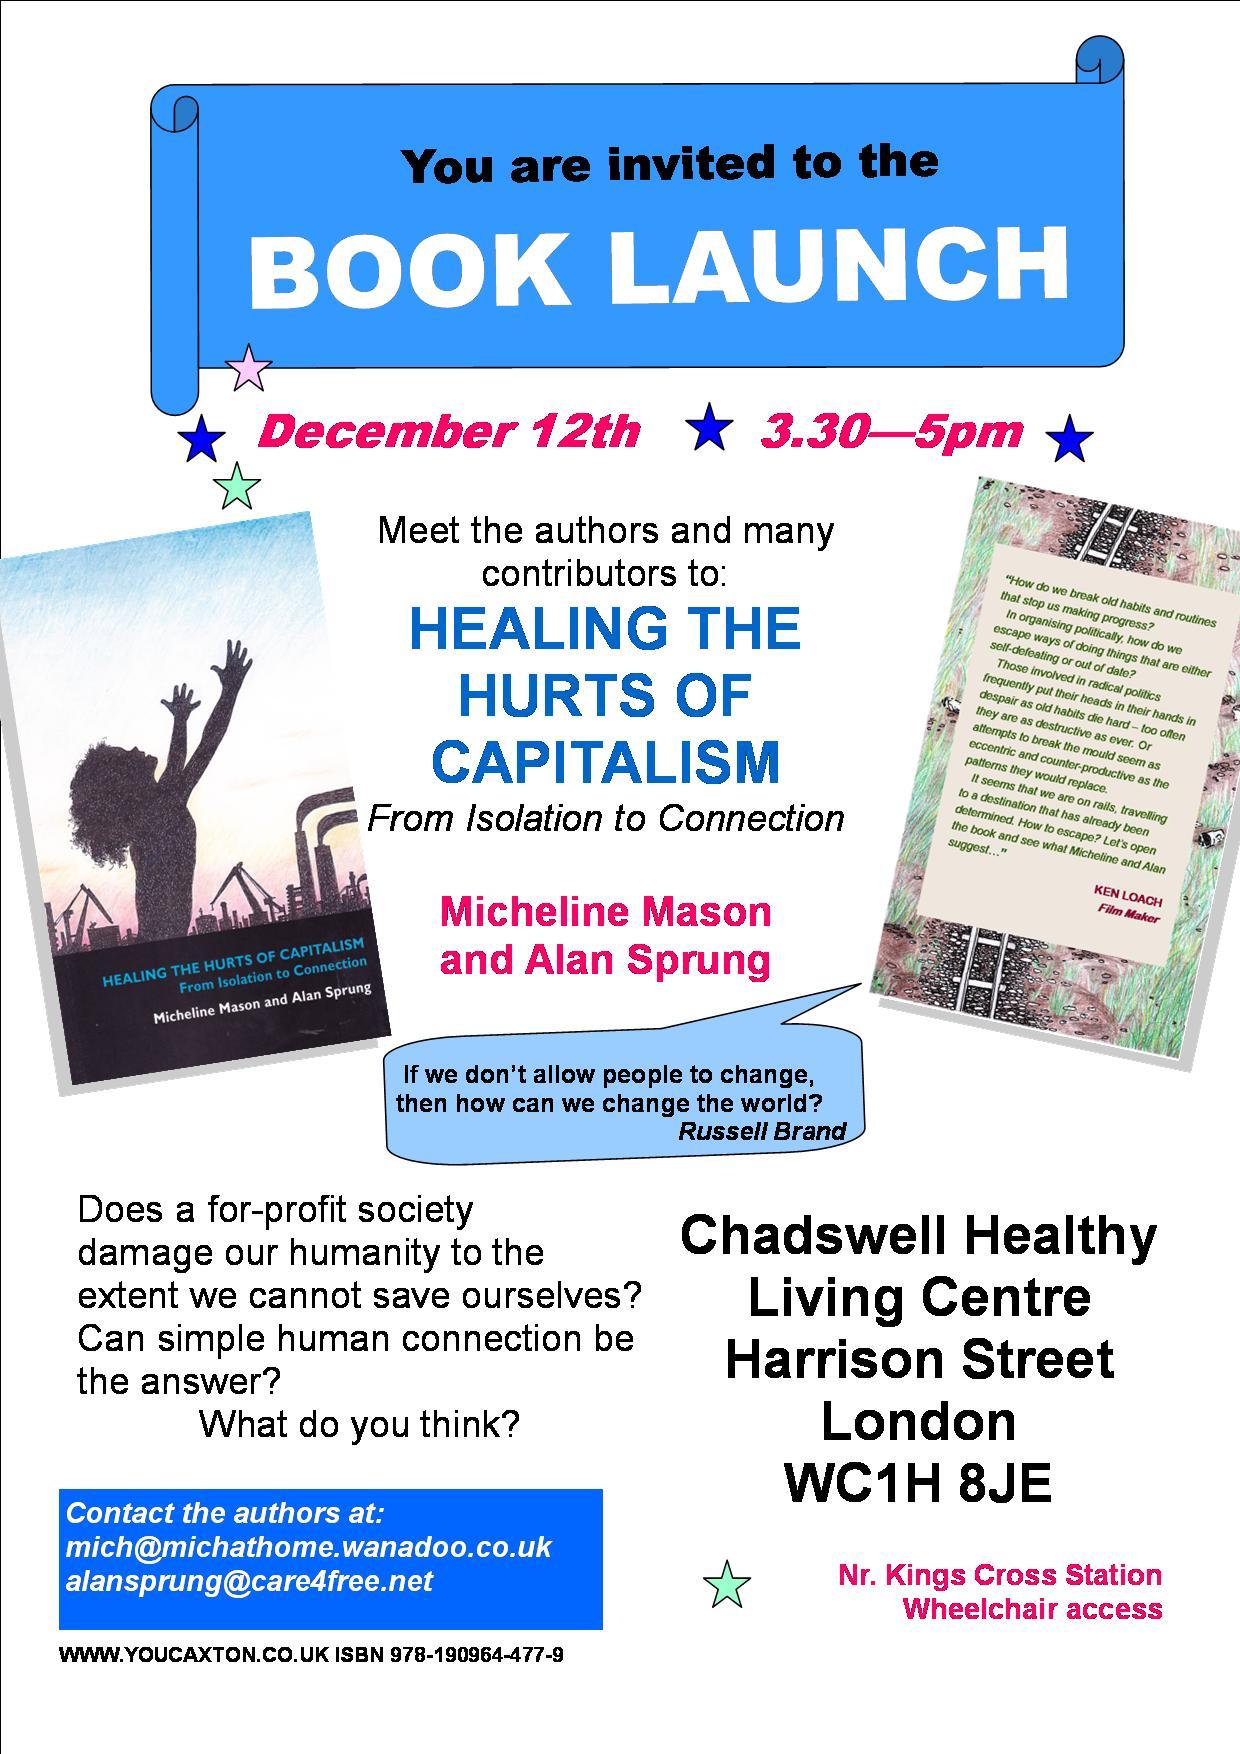 book_launch_invite_2.jpg